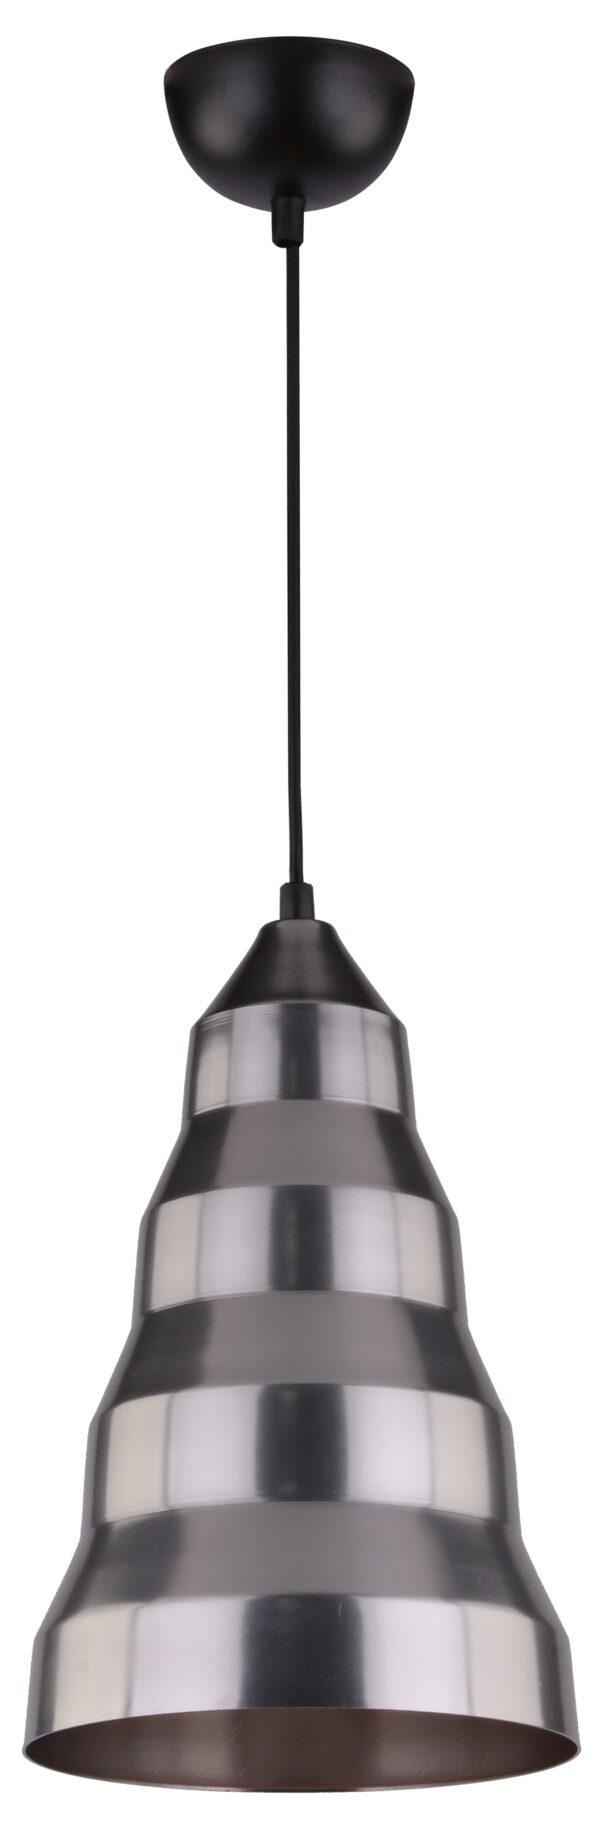 VESUVIO LAMPA WISZĄCA 20 1X40W E27 SZARY - 31-58577